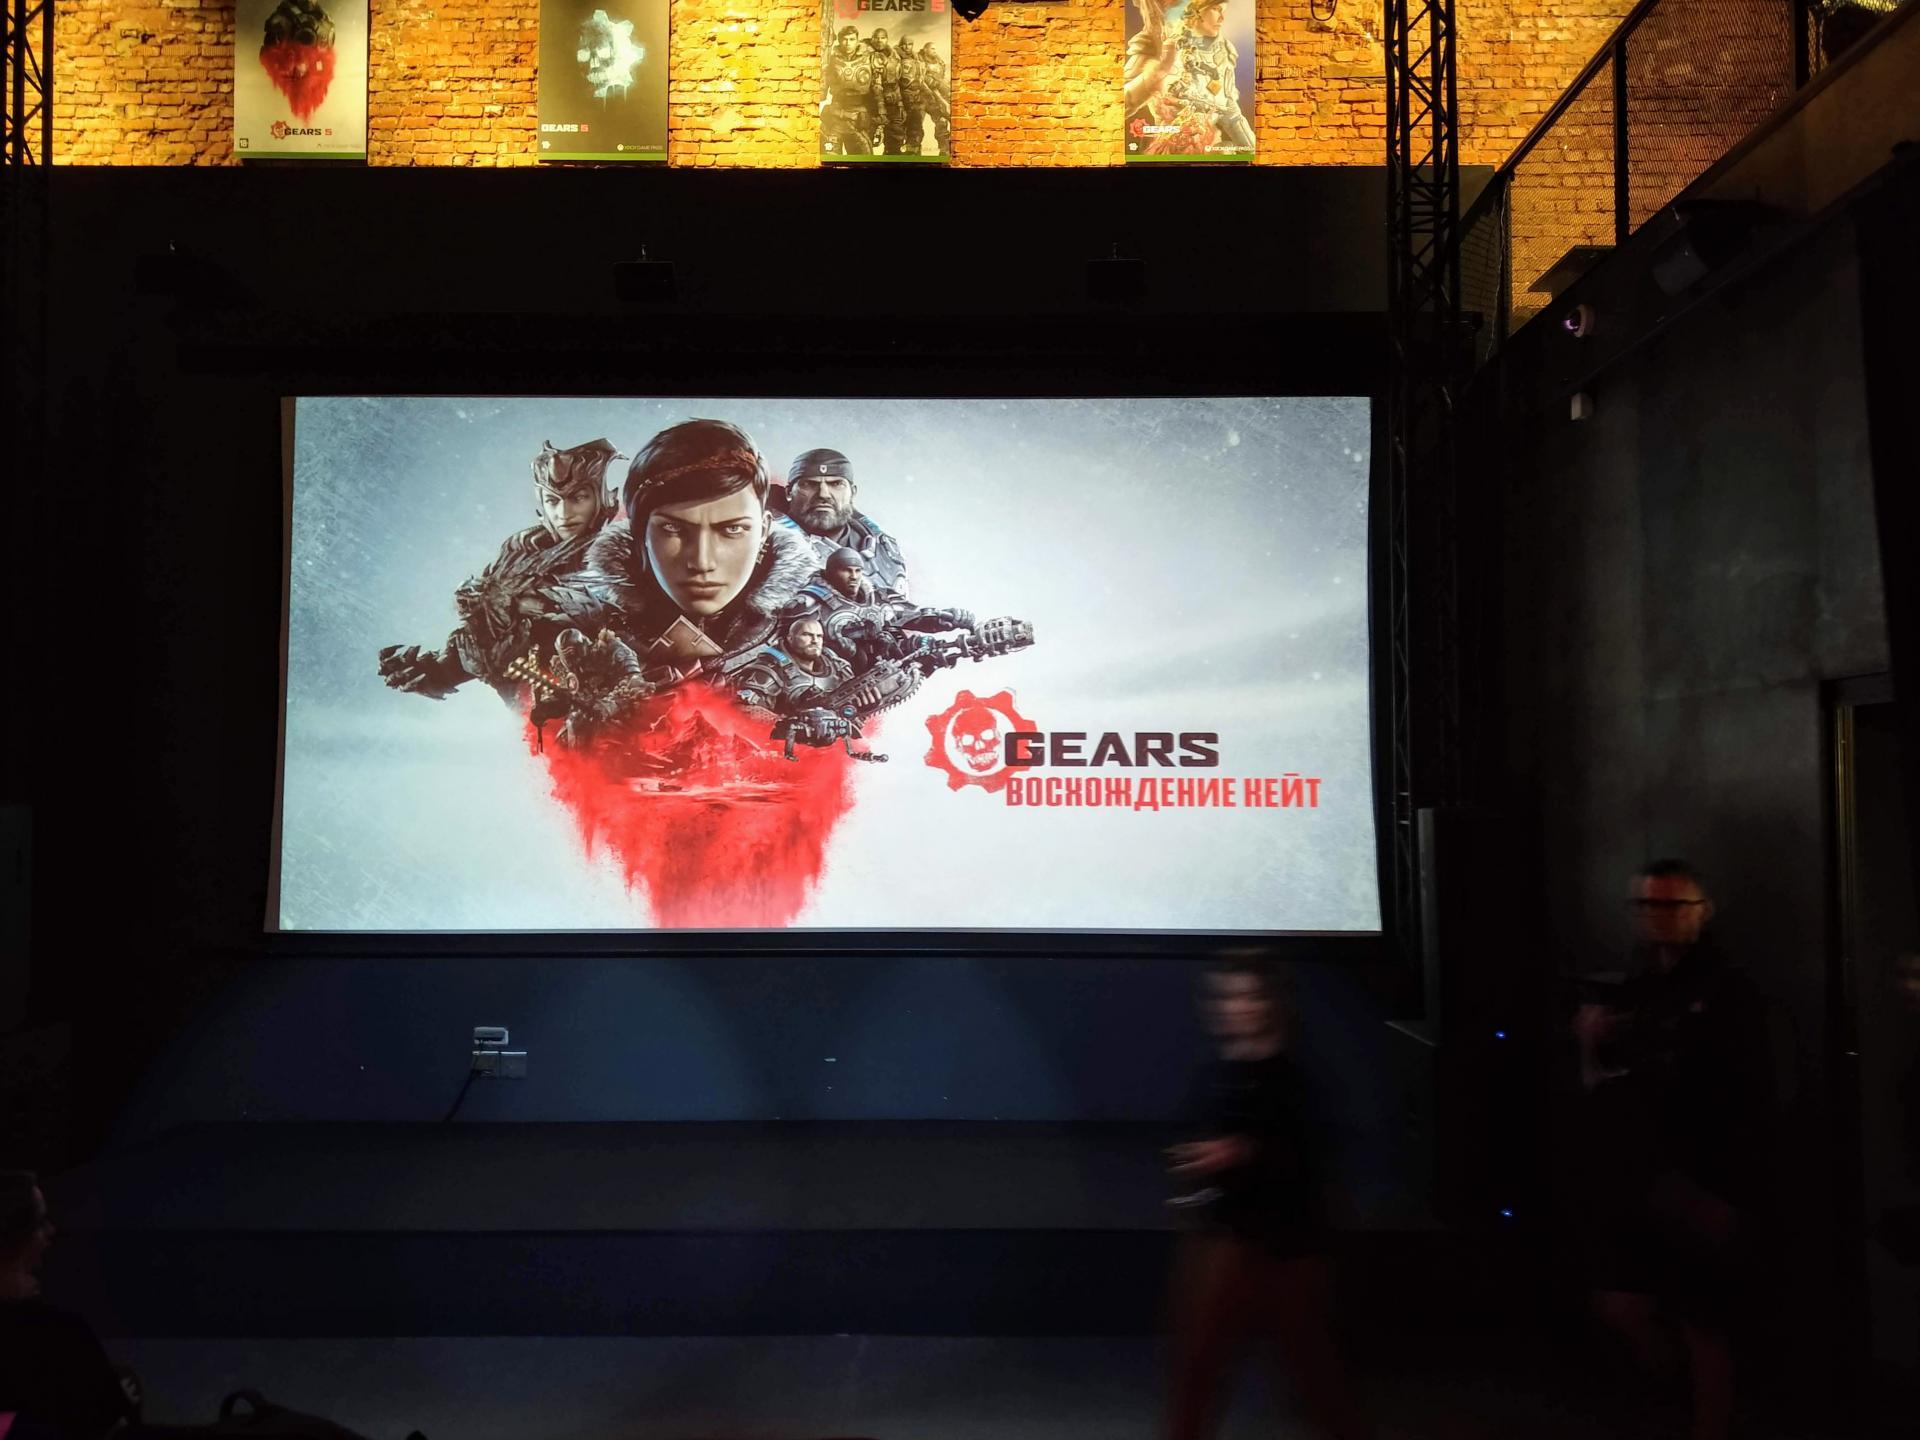 Популярная франшиза получила продолжение — Gears 5. Уже впродаже